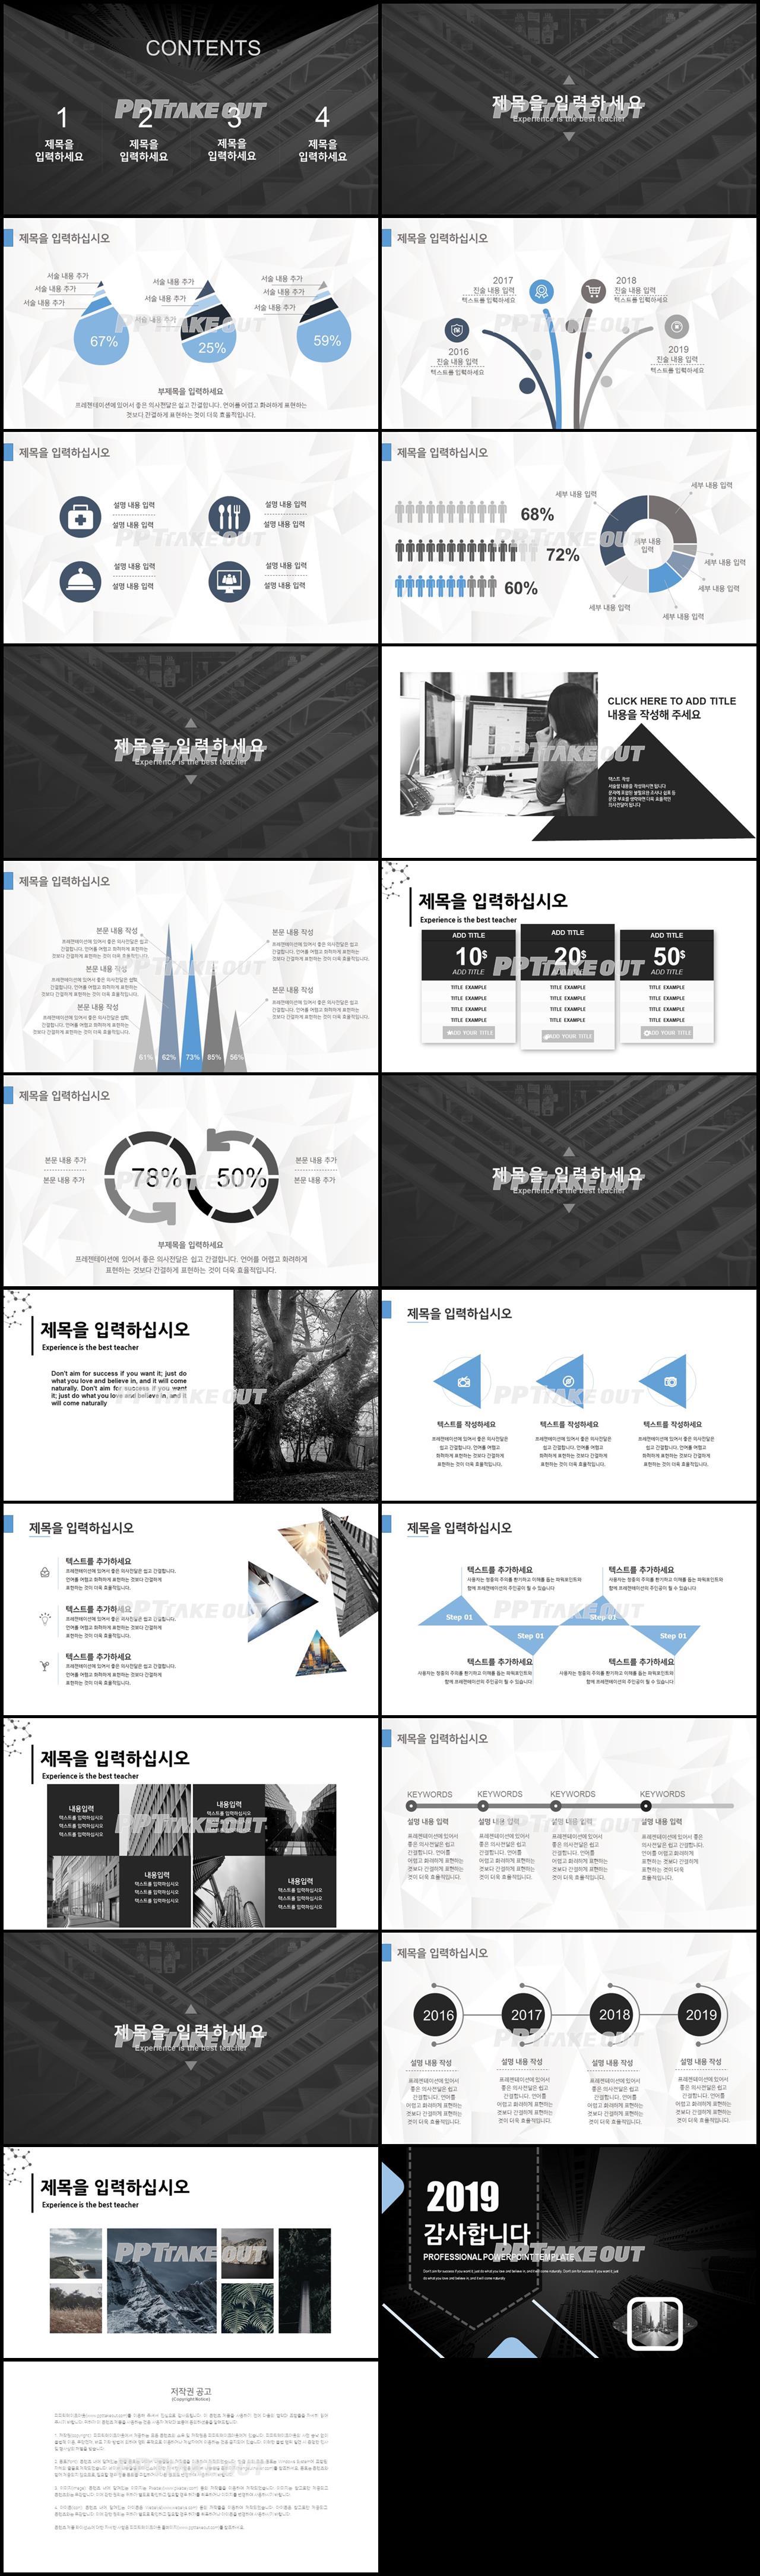 업무관리 검은색 시크한 발표용 파워포인트템플릿 다운 상세보기